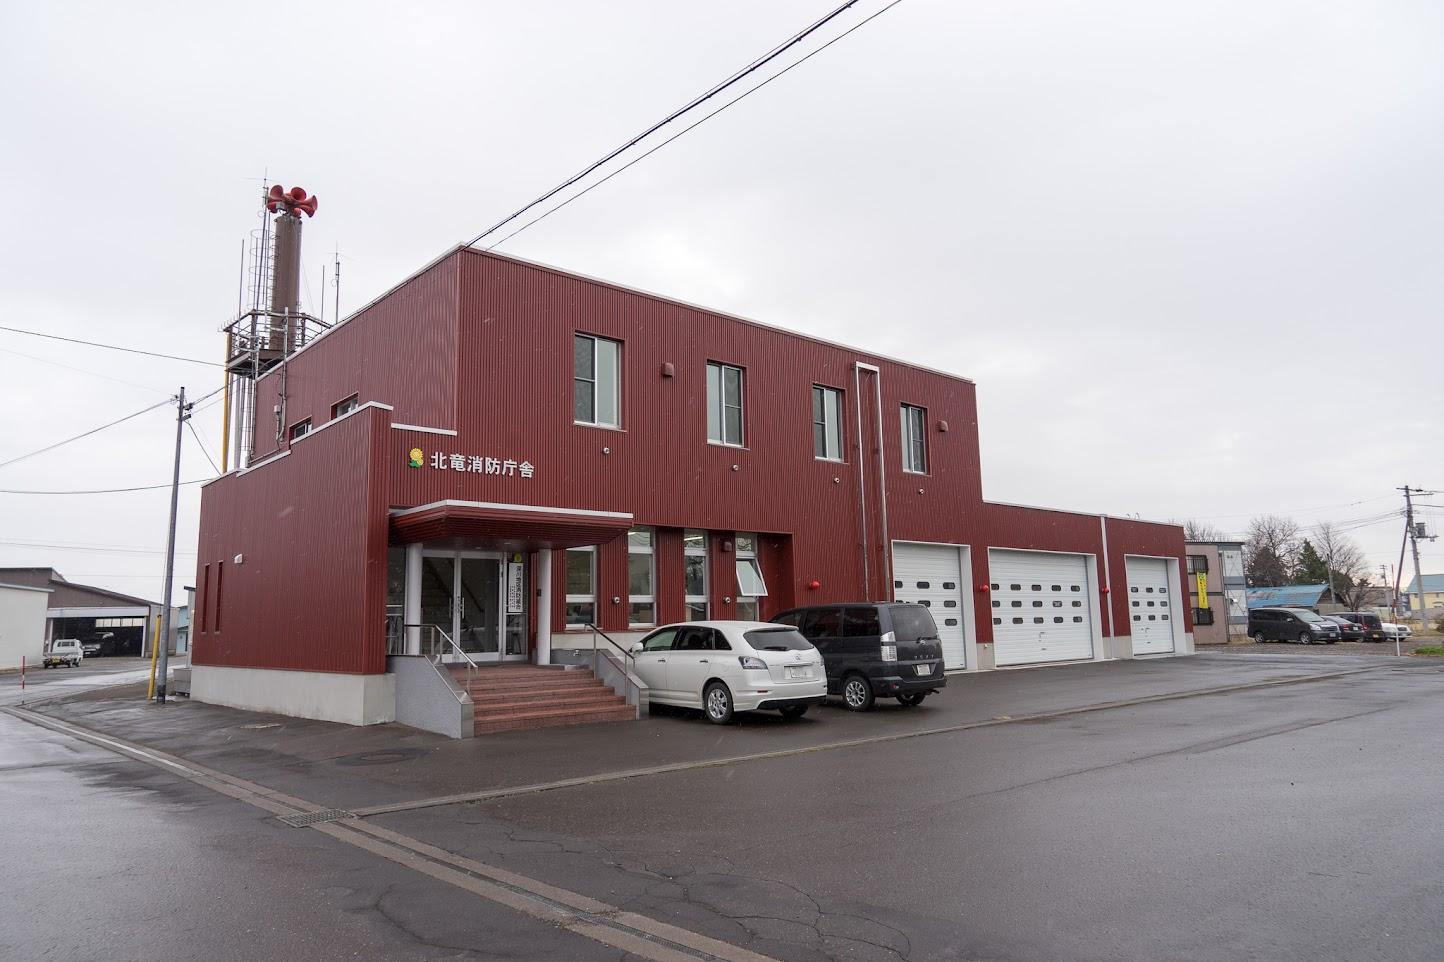 改築された北竜消防庁舎